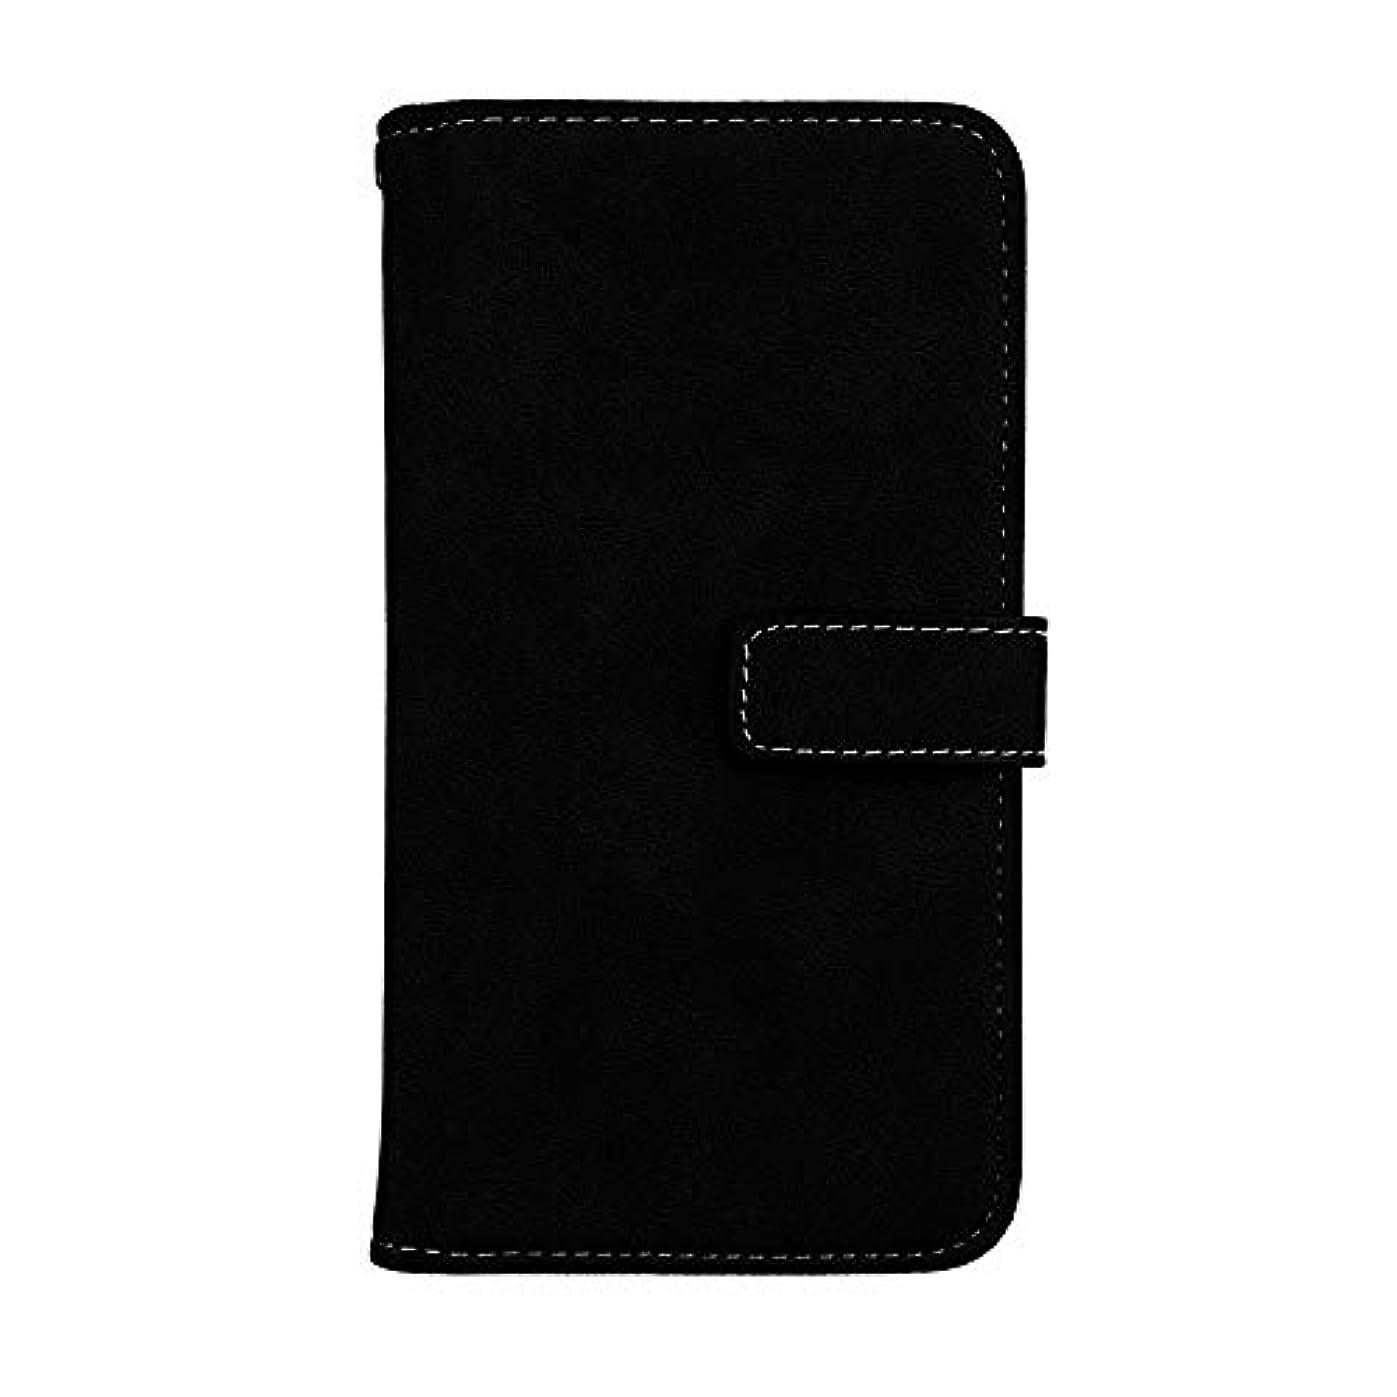 気絶させるにぎやかハンマーXiaomi Redmi Note 4 高品質 マグネット ケース, CUNUS 携帯電話 ケース 軽量 柔軟 高品質 耐摩擦 カード収納 カバー Xiaomi Redmi Note 4 用, ブラック